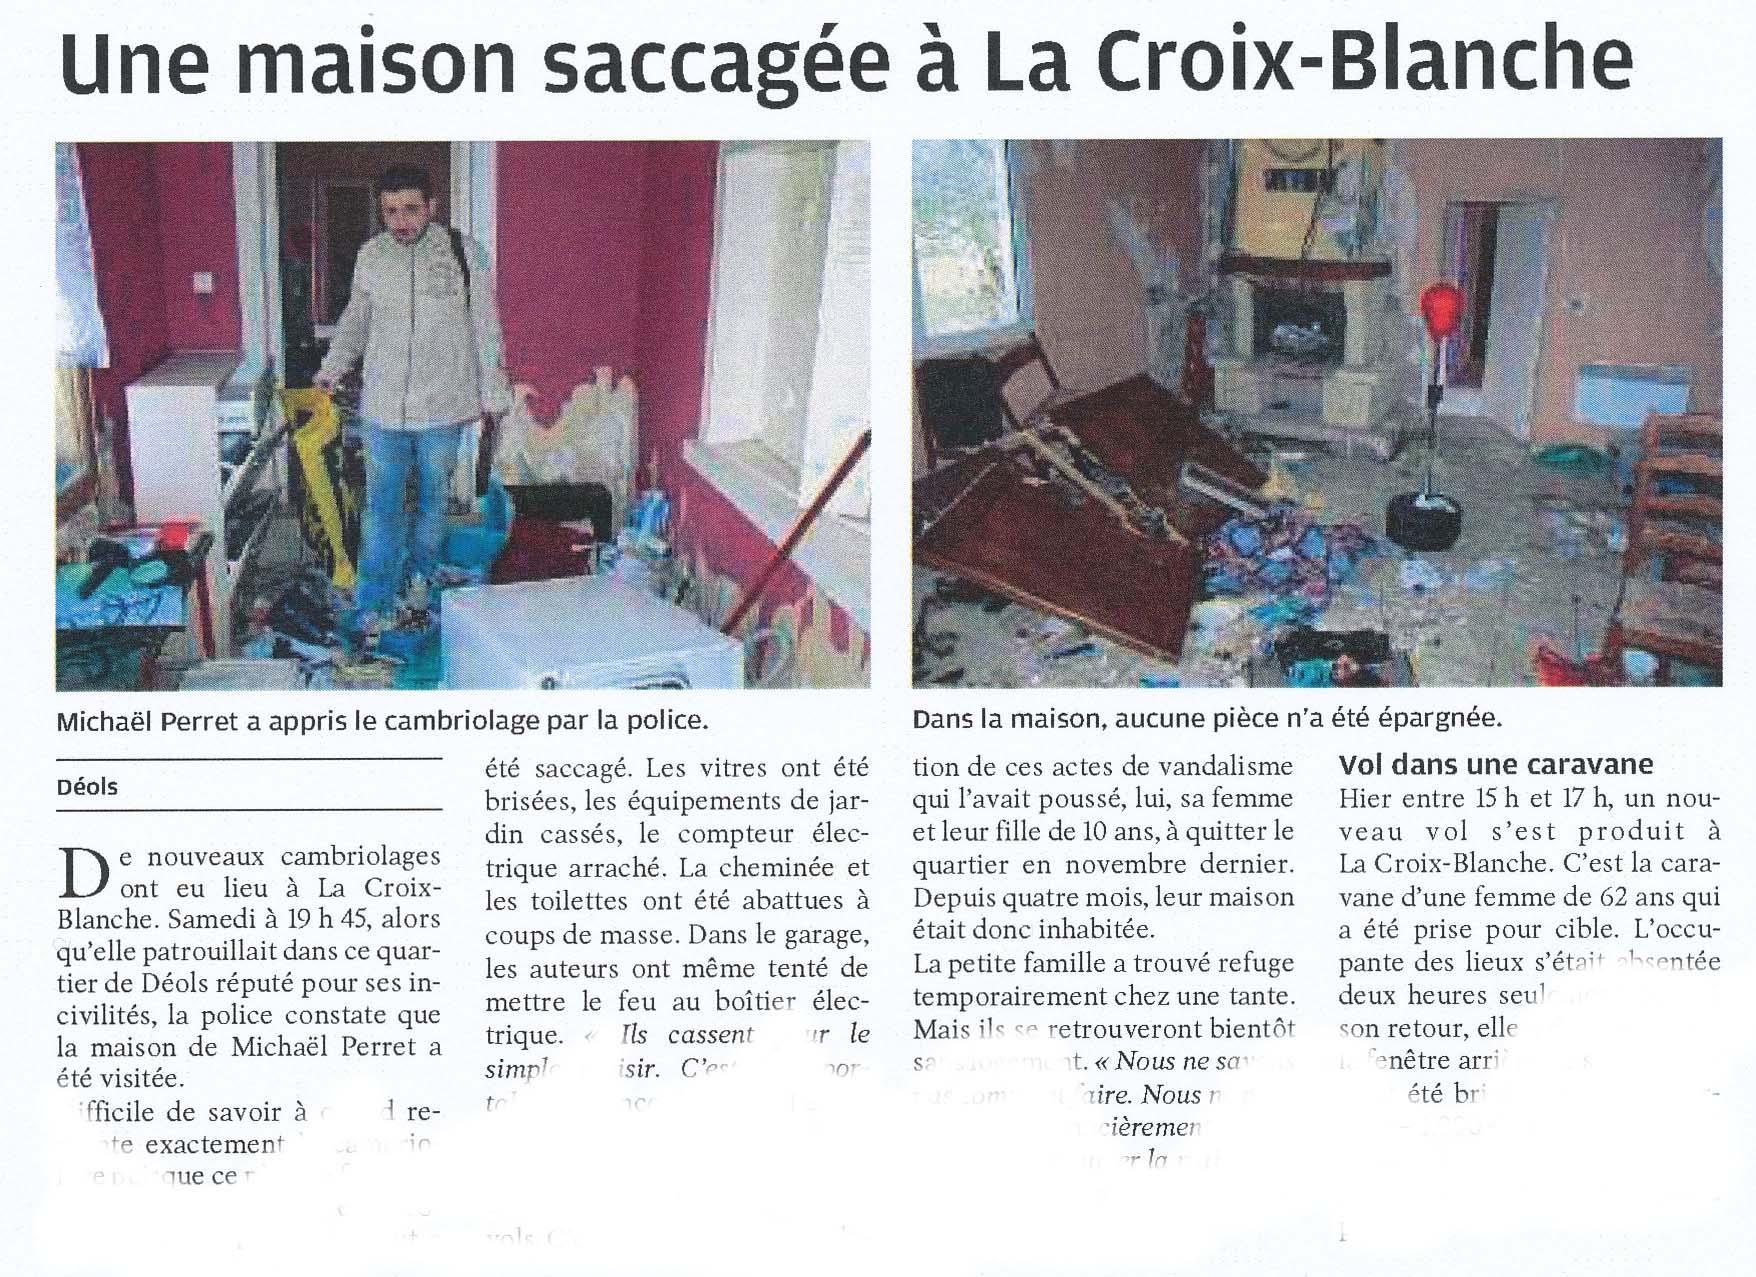 Front national du loir et cher archives des cat gories d linquance - Le bureau croix blanche ...